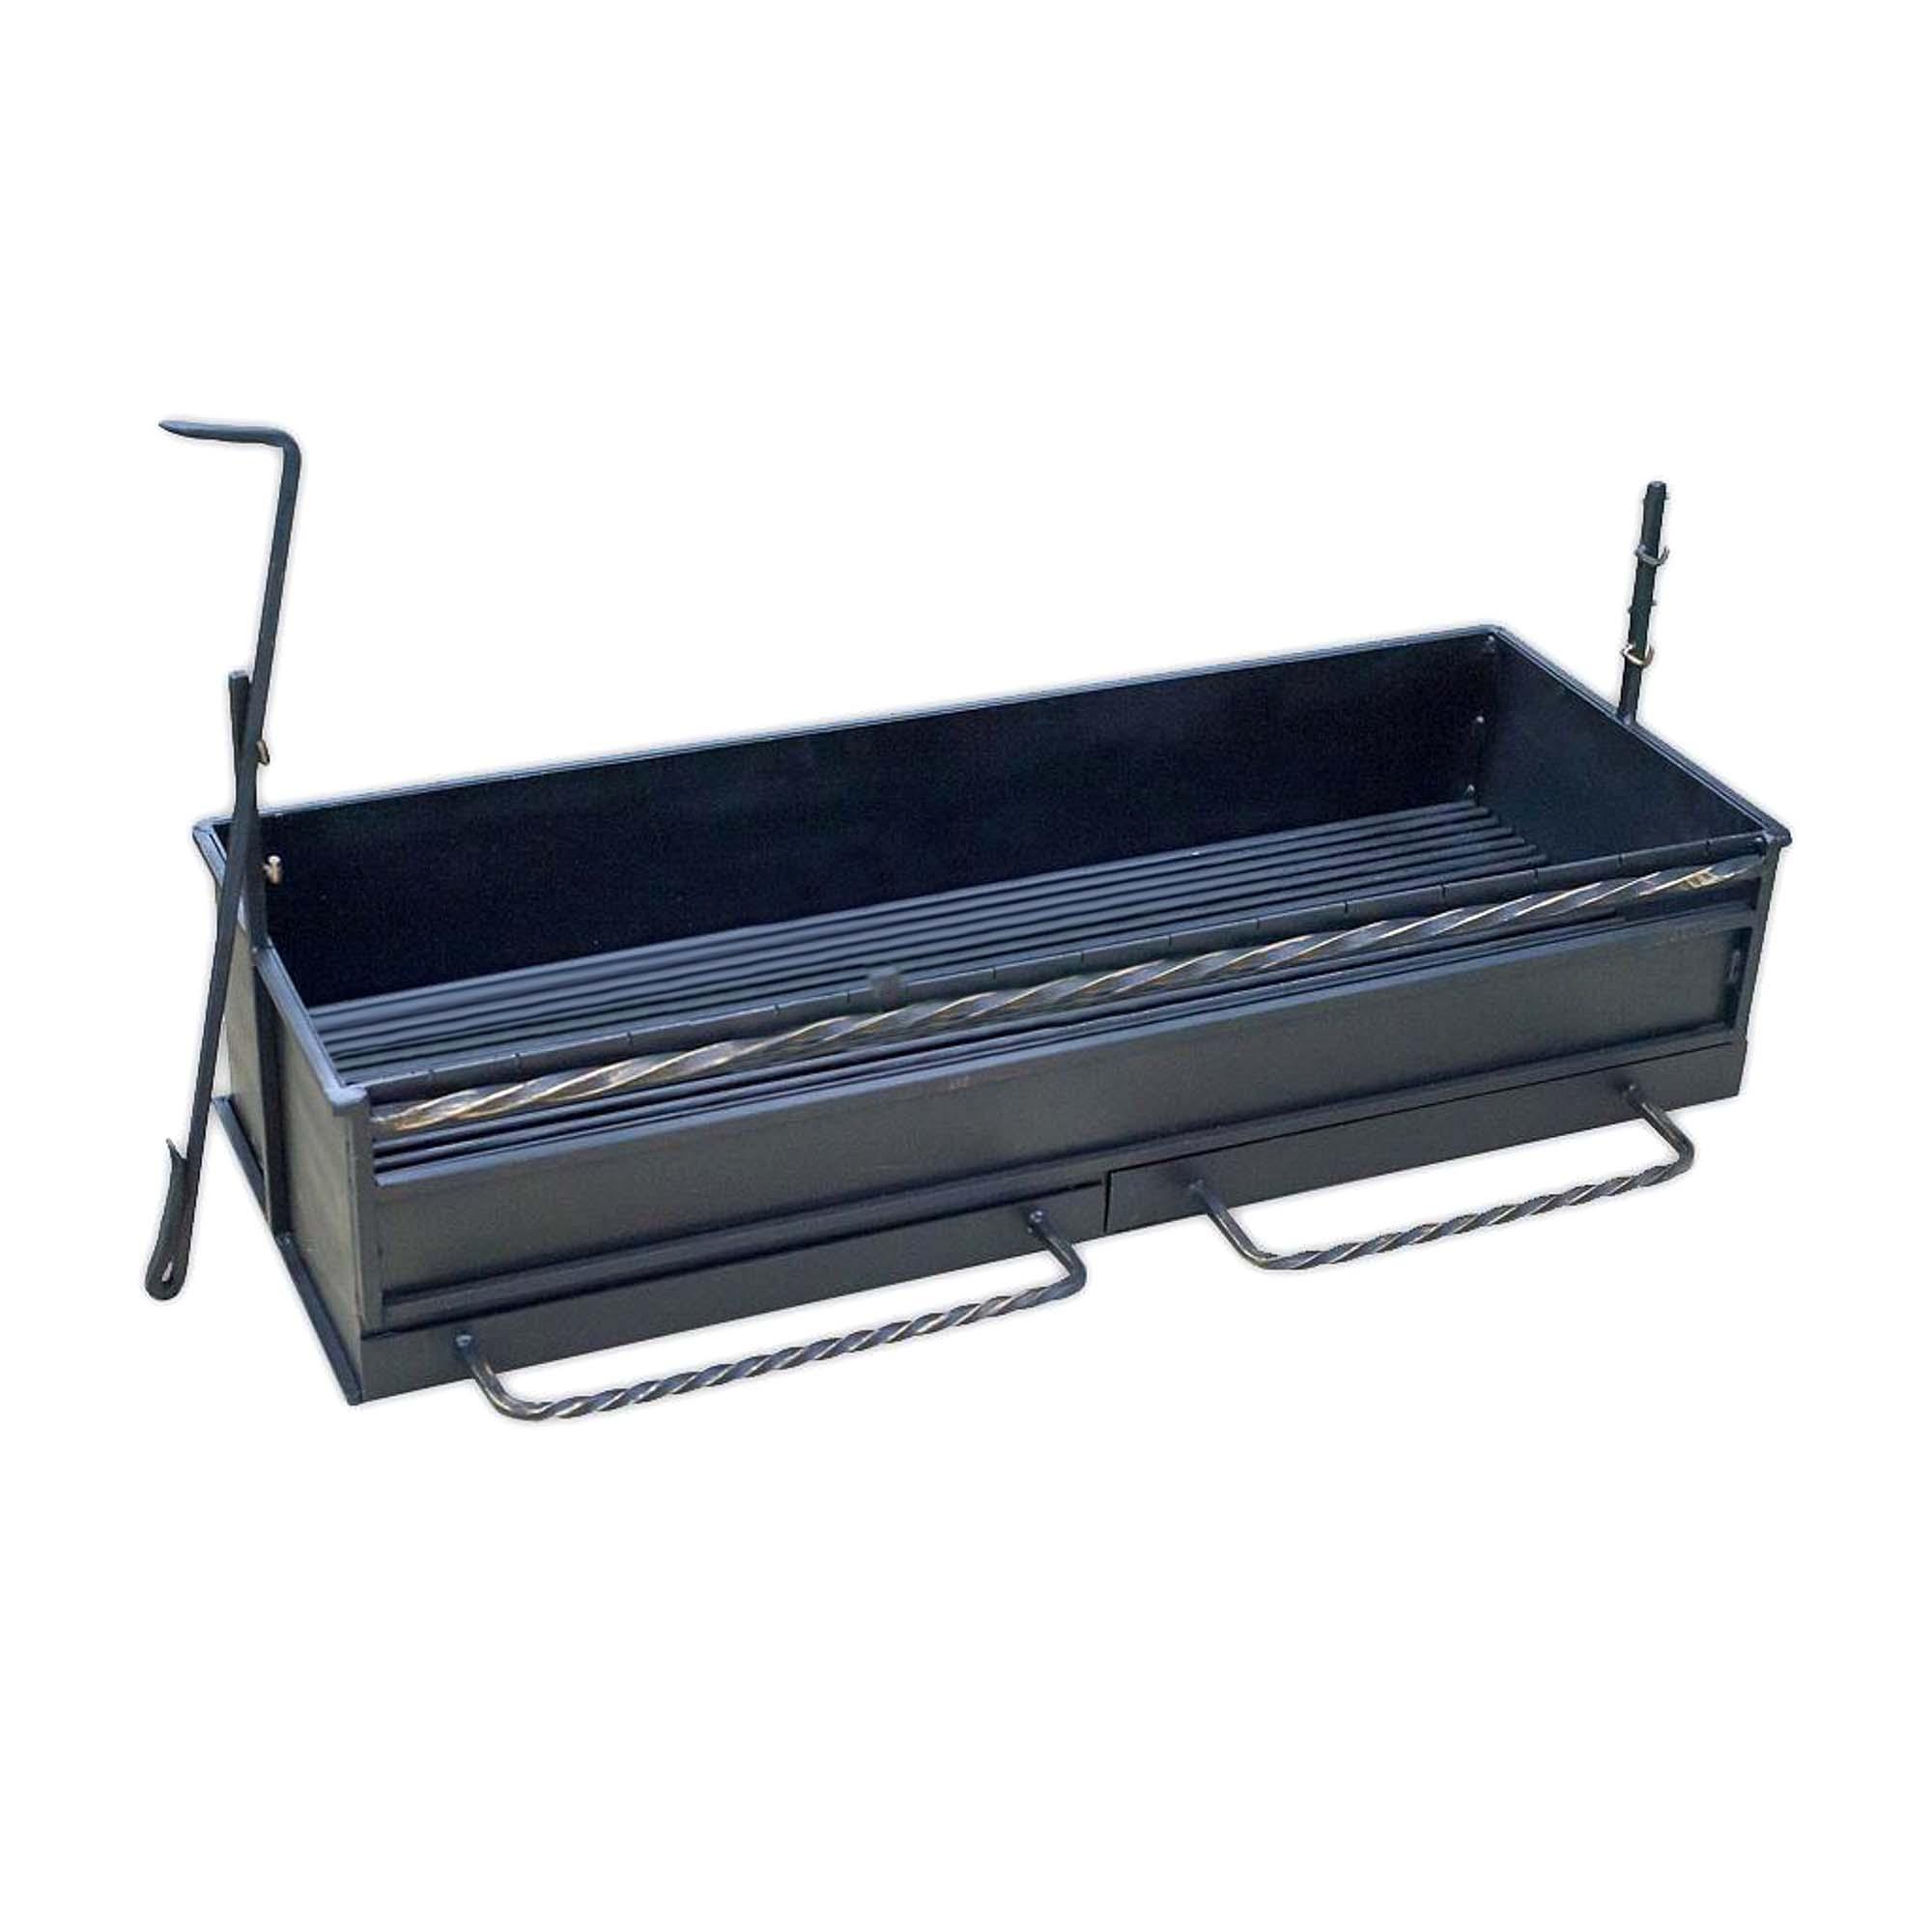 Мангал Аск-38 Топка мангальная 24х102х37 см (12026) мангал с крышей firewood pegas 168х76х209 см